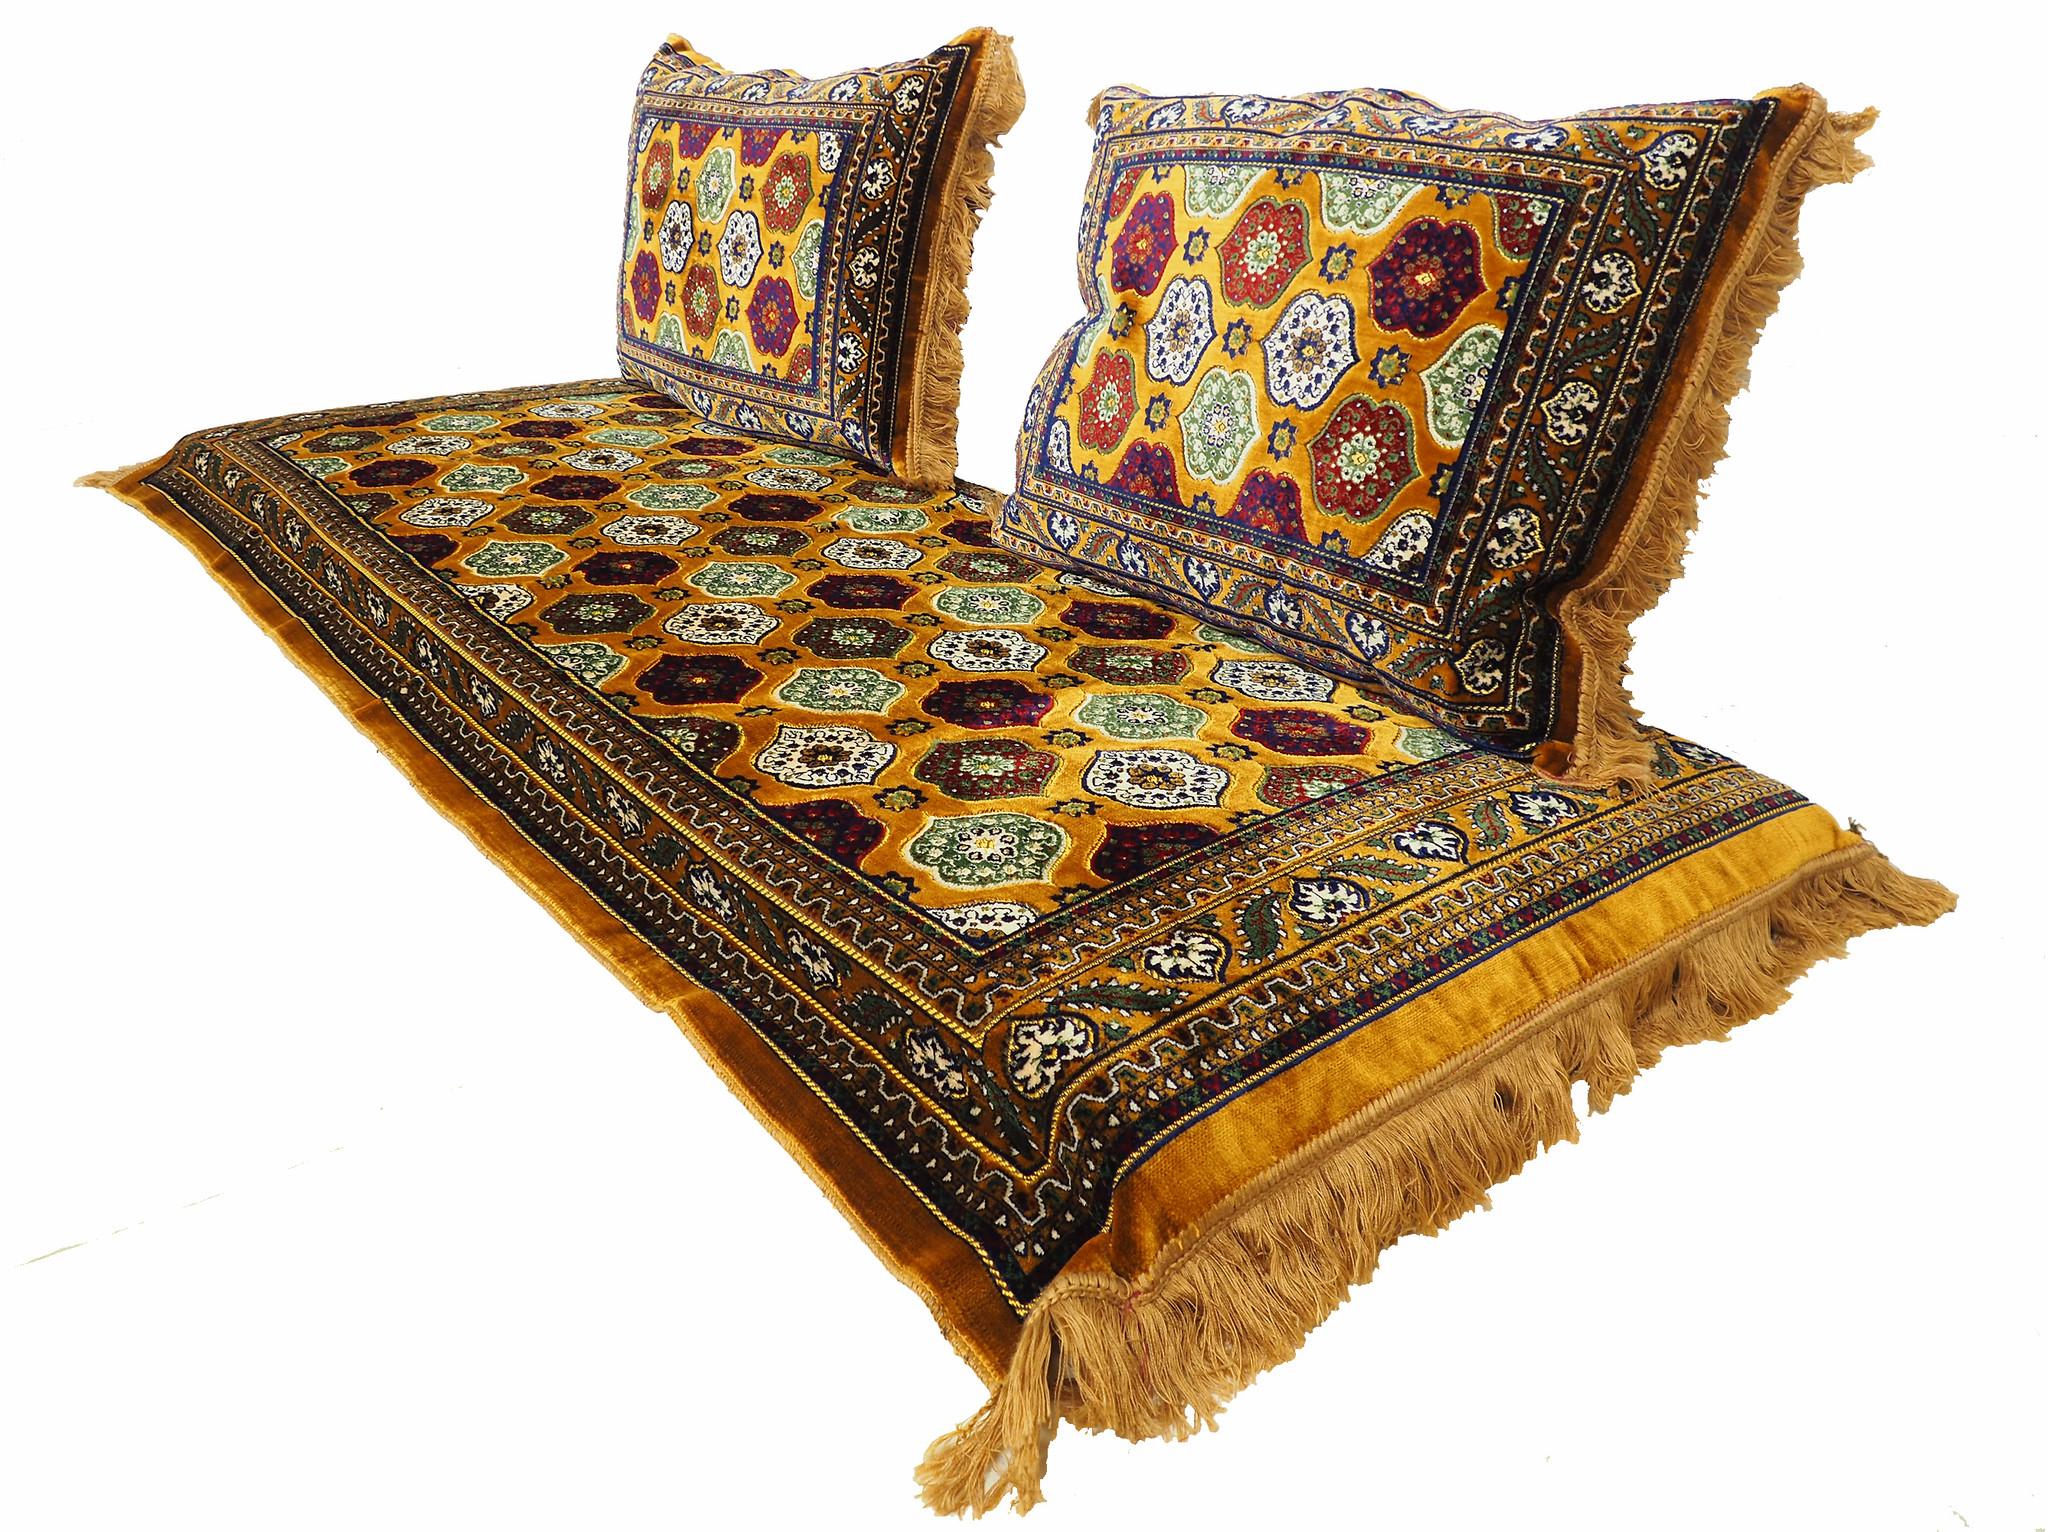 190x75 orient Sitzkissen Matratze Sitzecke Afghan toshak seating mattress (Gold) توشک